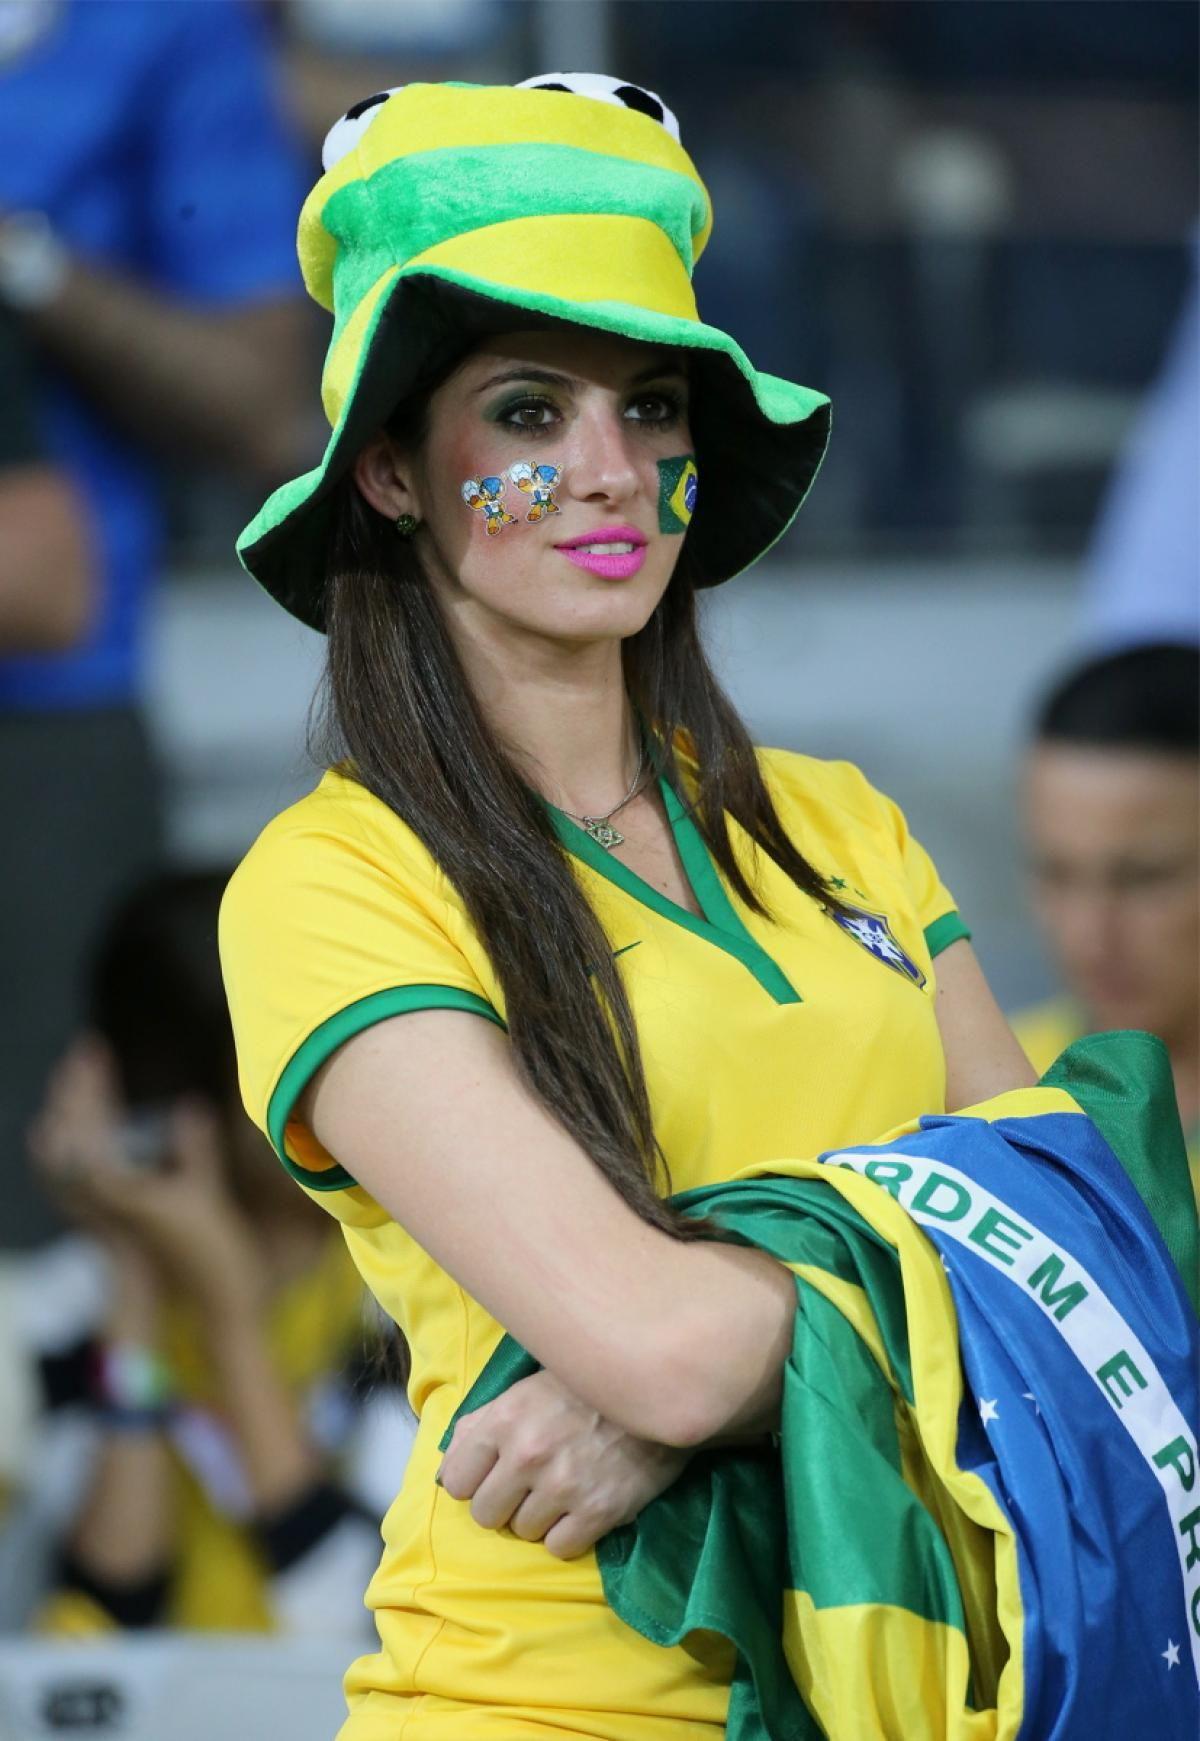 بالصور احلى بنات برازيليات , صور لجميلات البرازيل 2103 5